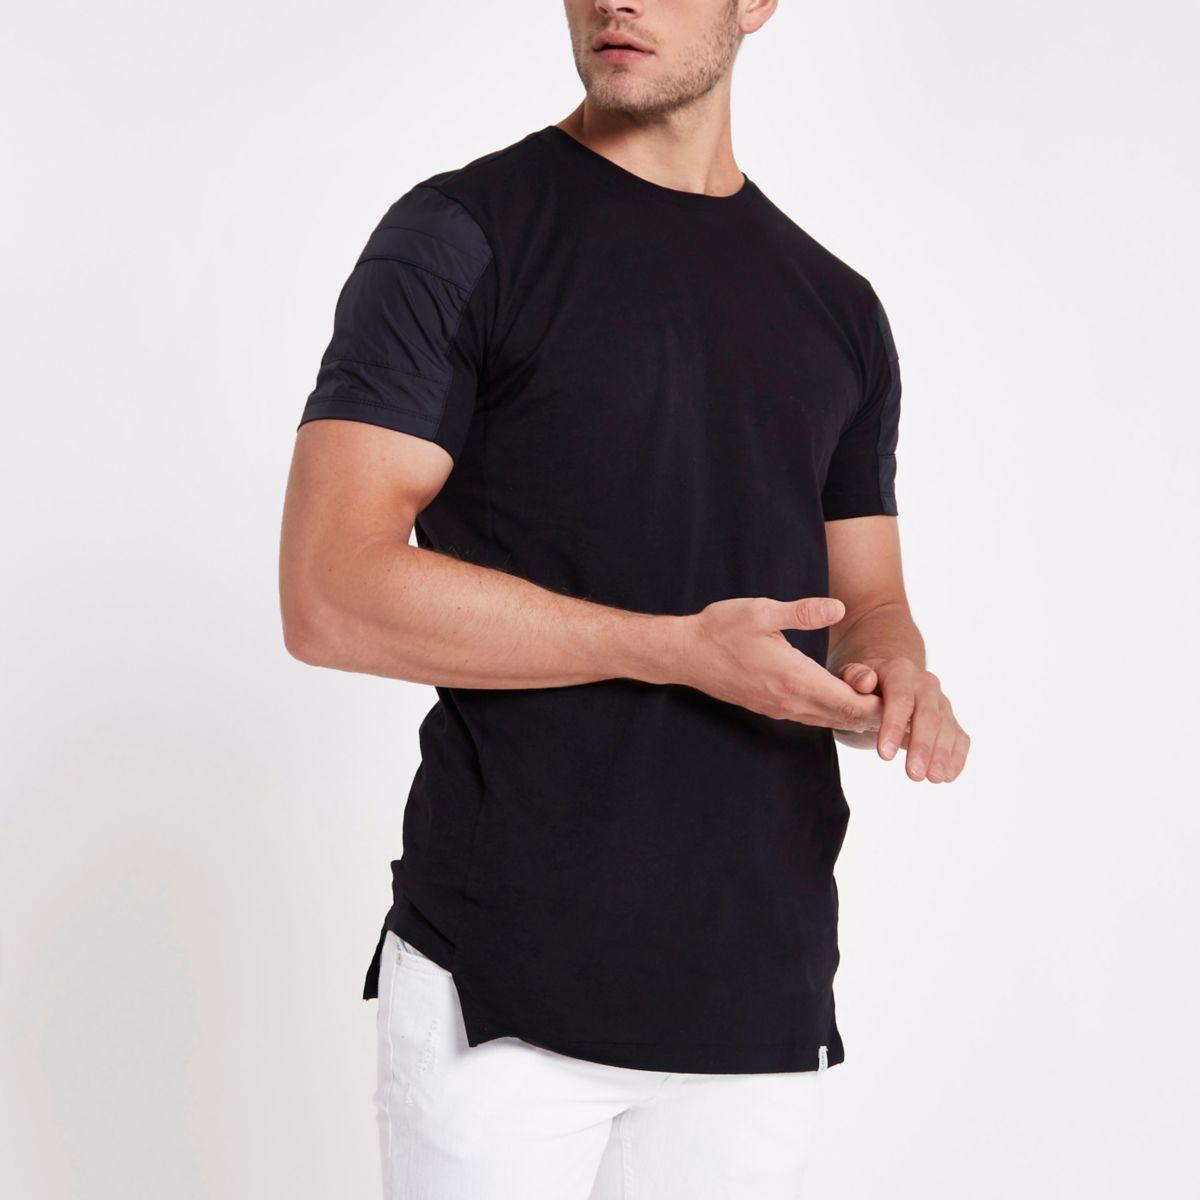 Jack & Jones black crew neck T-shirt